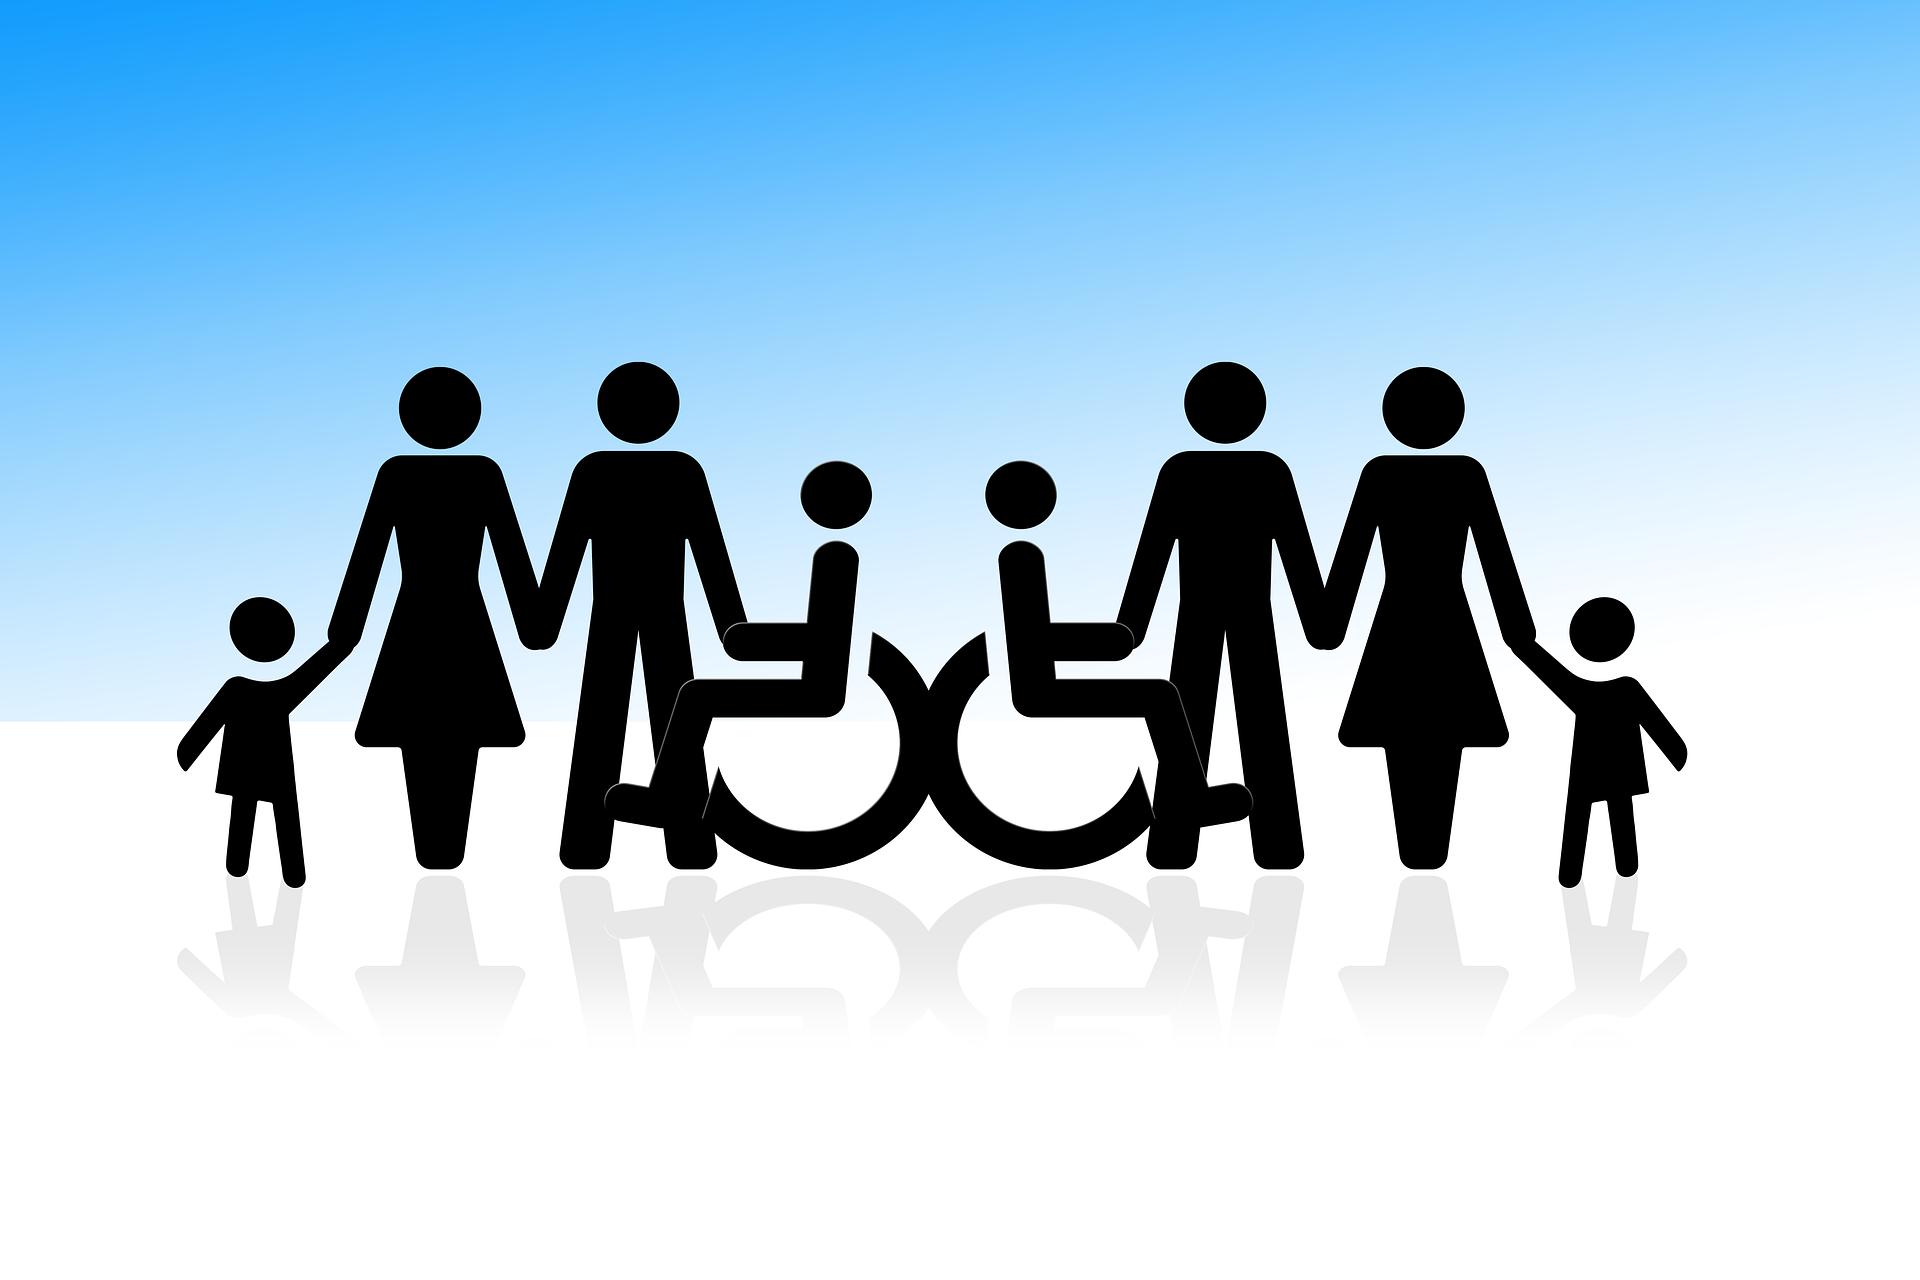 Alle Menschen sind gleich